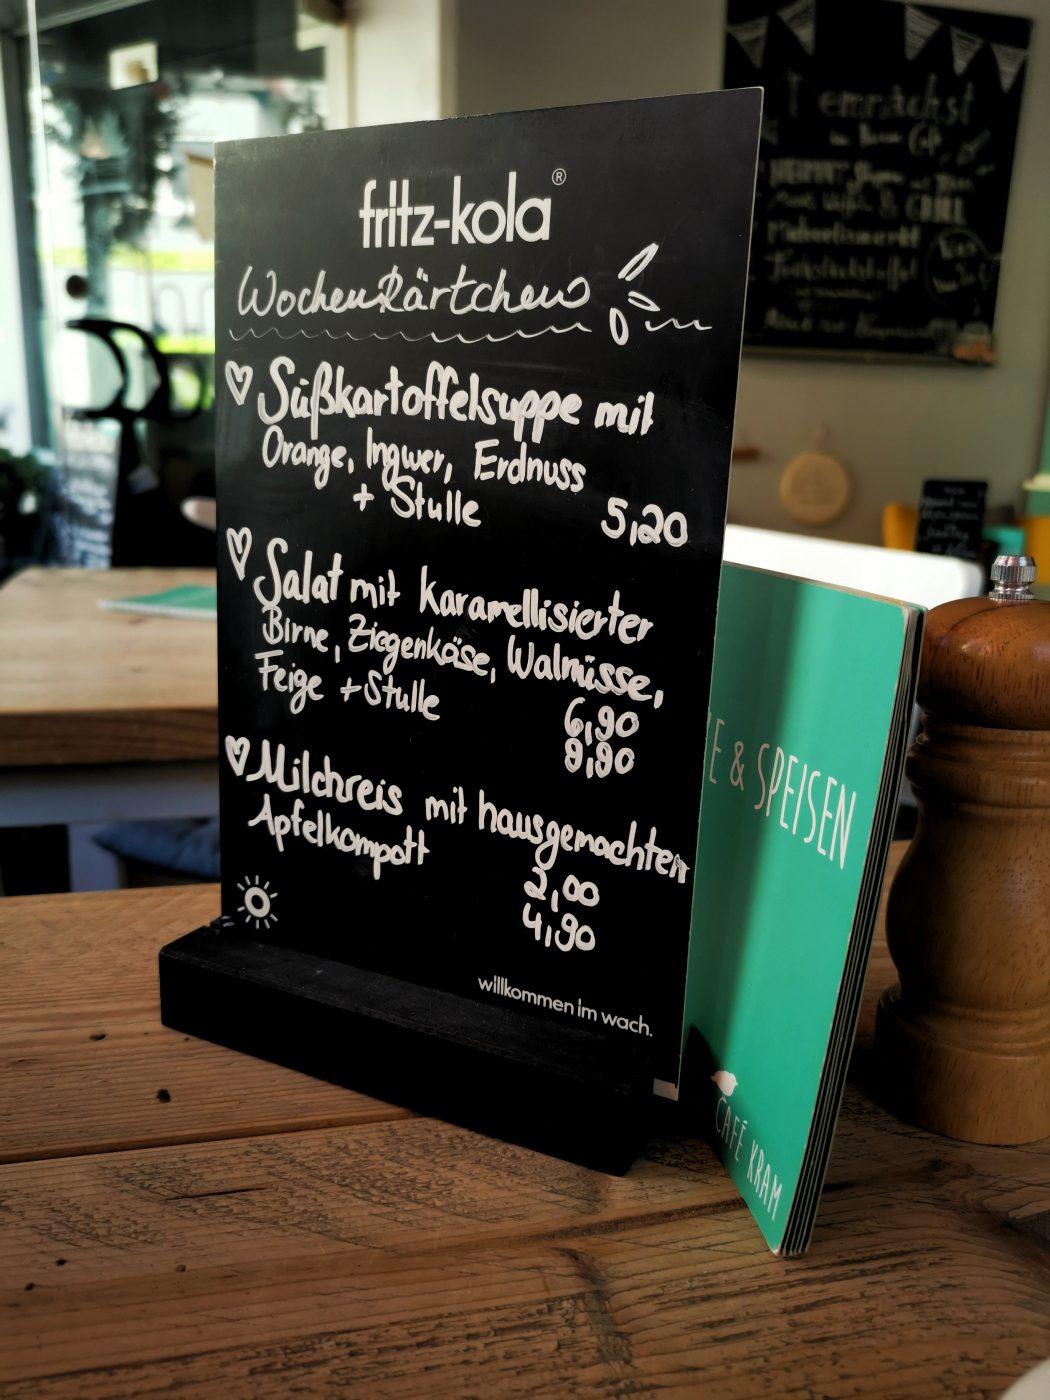 Das Bild zeigt die Wochenkarte des Café Kram in Bottrop